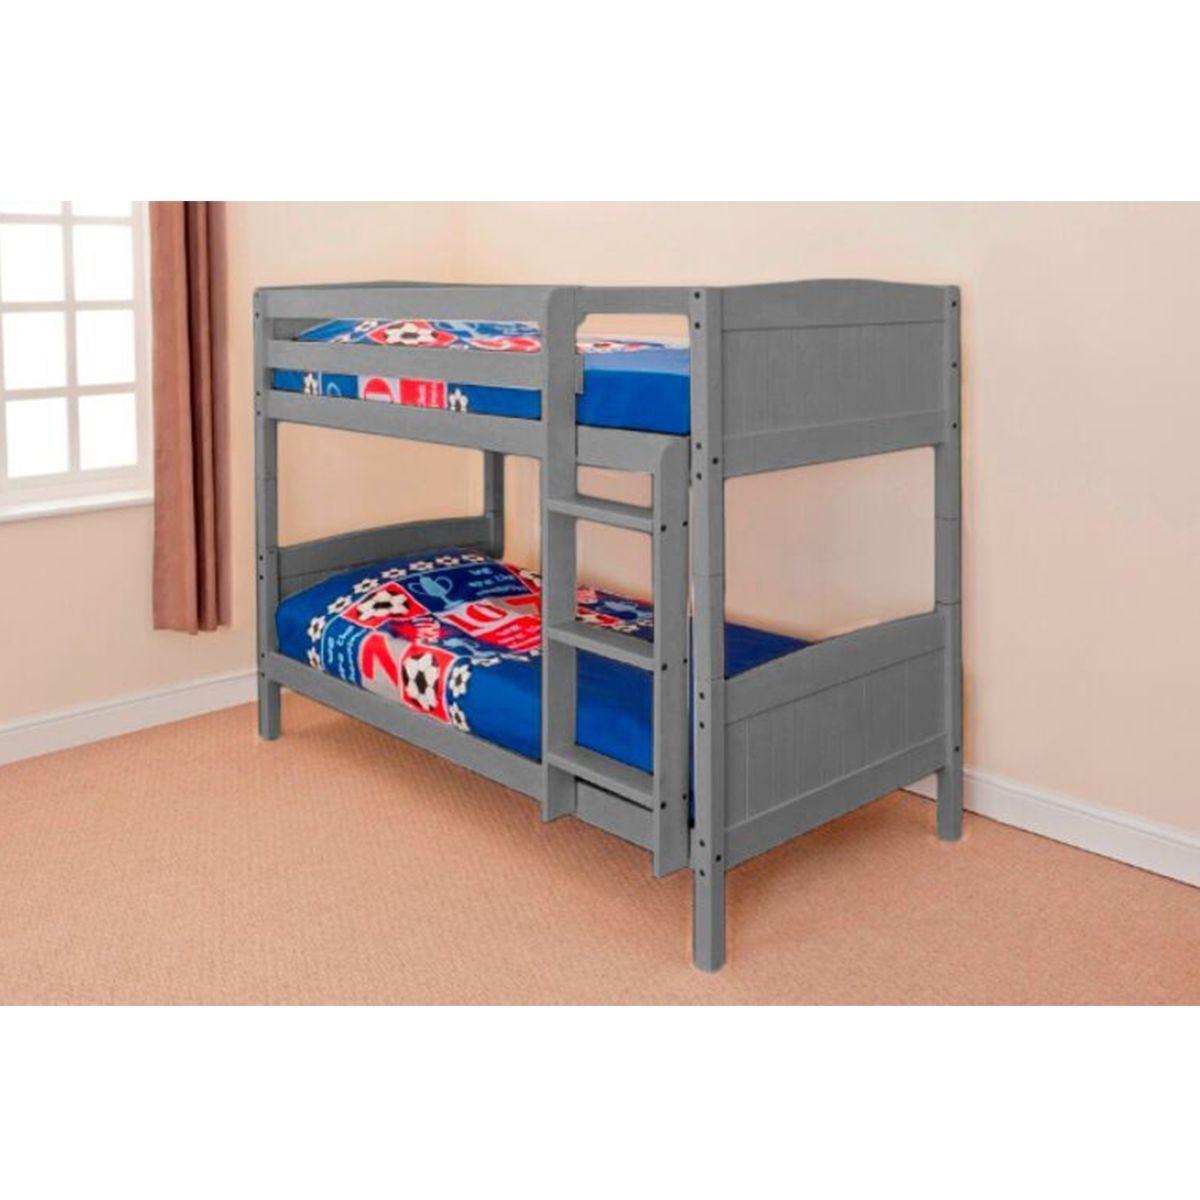 Kensington Single Bunk Bed - Grey